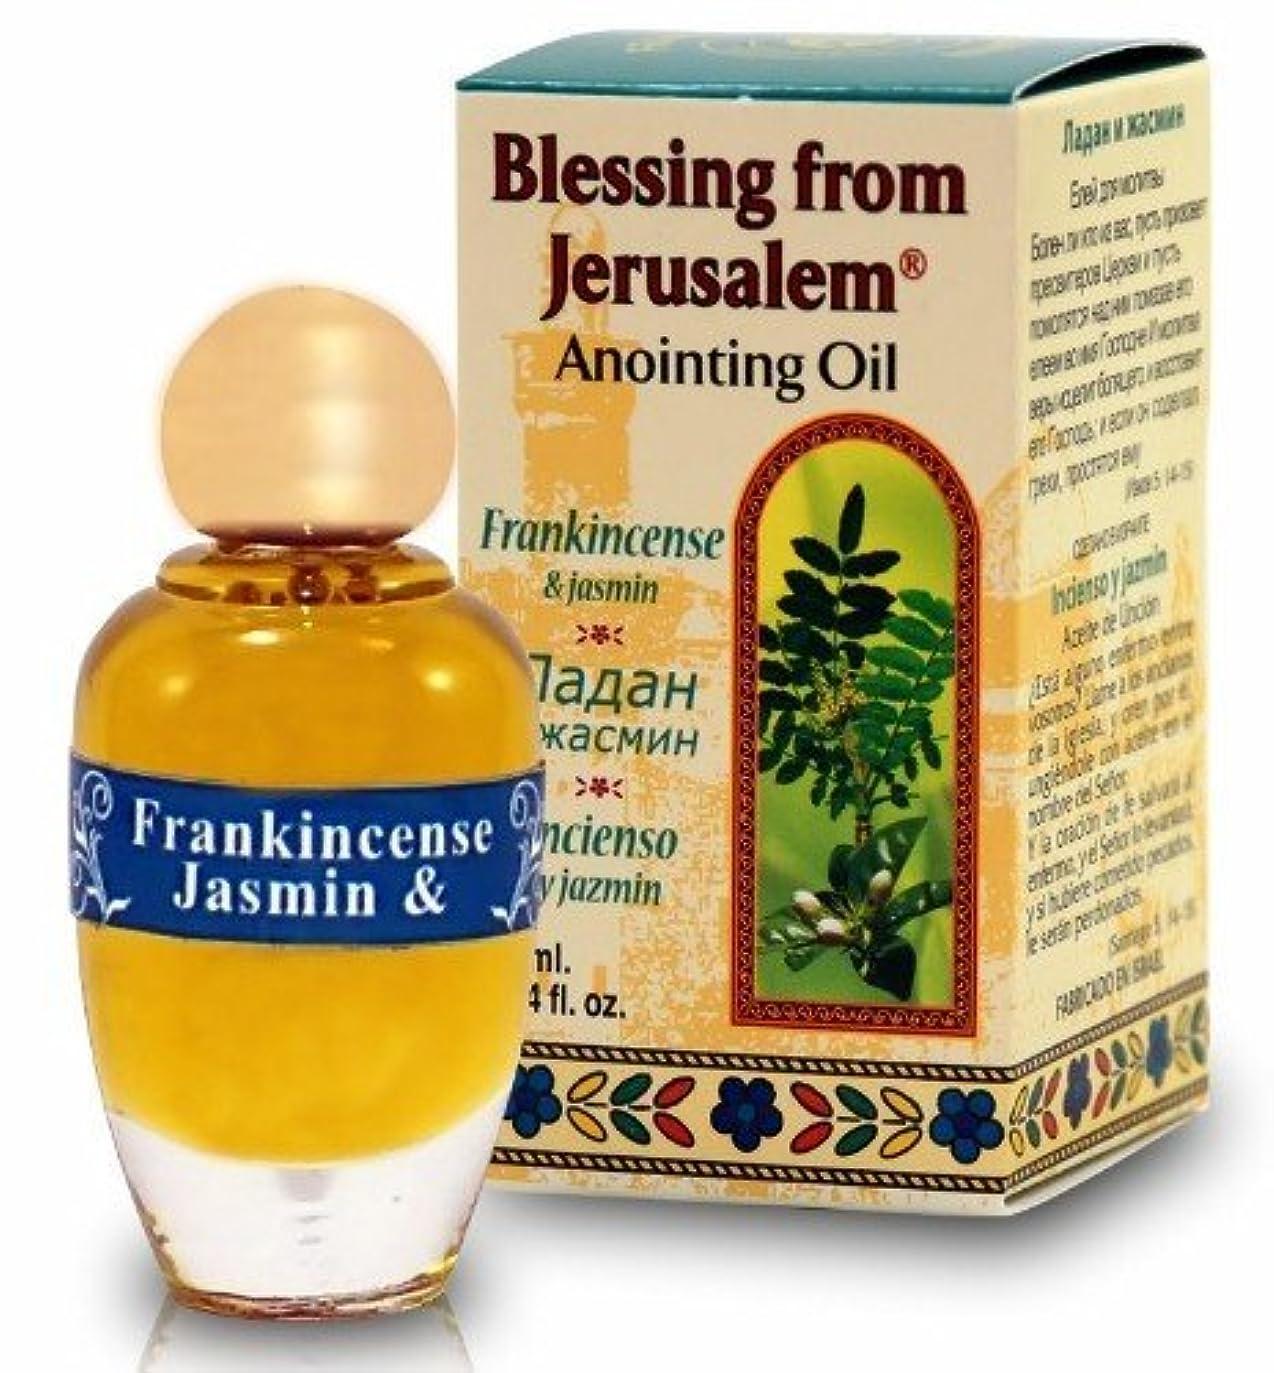 バブル中央値真珠のようなTop Seller Frankincense &ジャスミンAnointing Oil byベツレヘムギフトTM